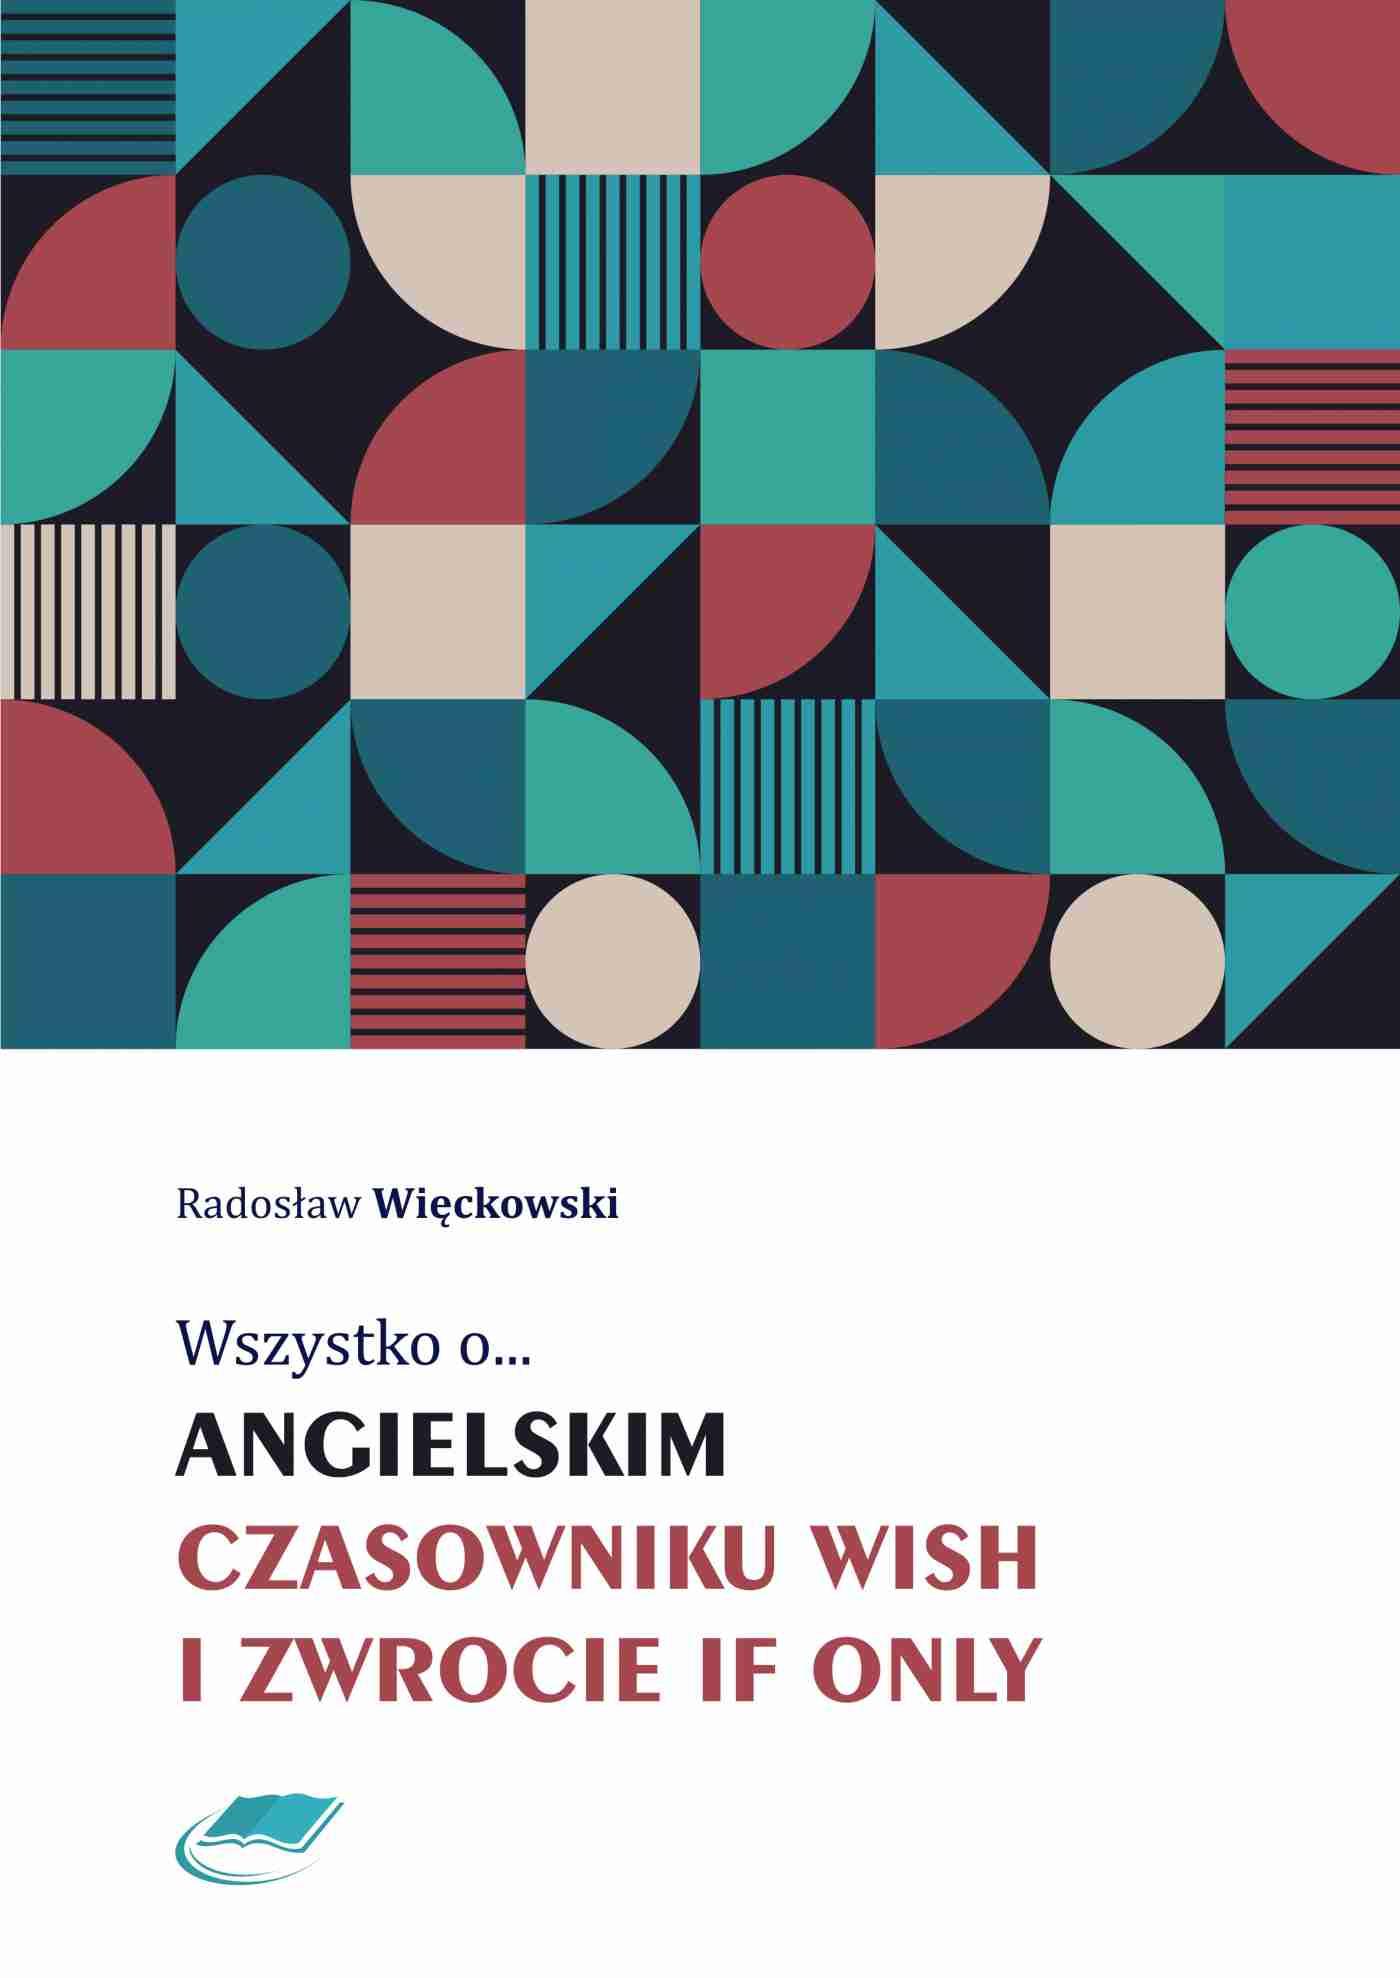 Wszystko o angielskim czasowniku wish i zwrocie if only - Ebook (Książka PDF) do pobrania w formacie PDF